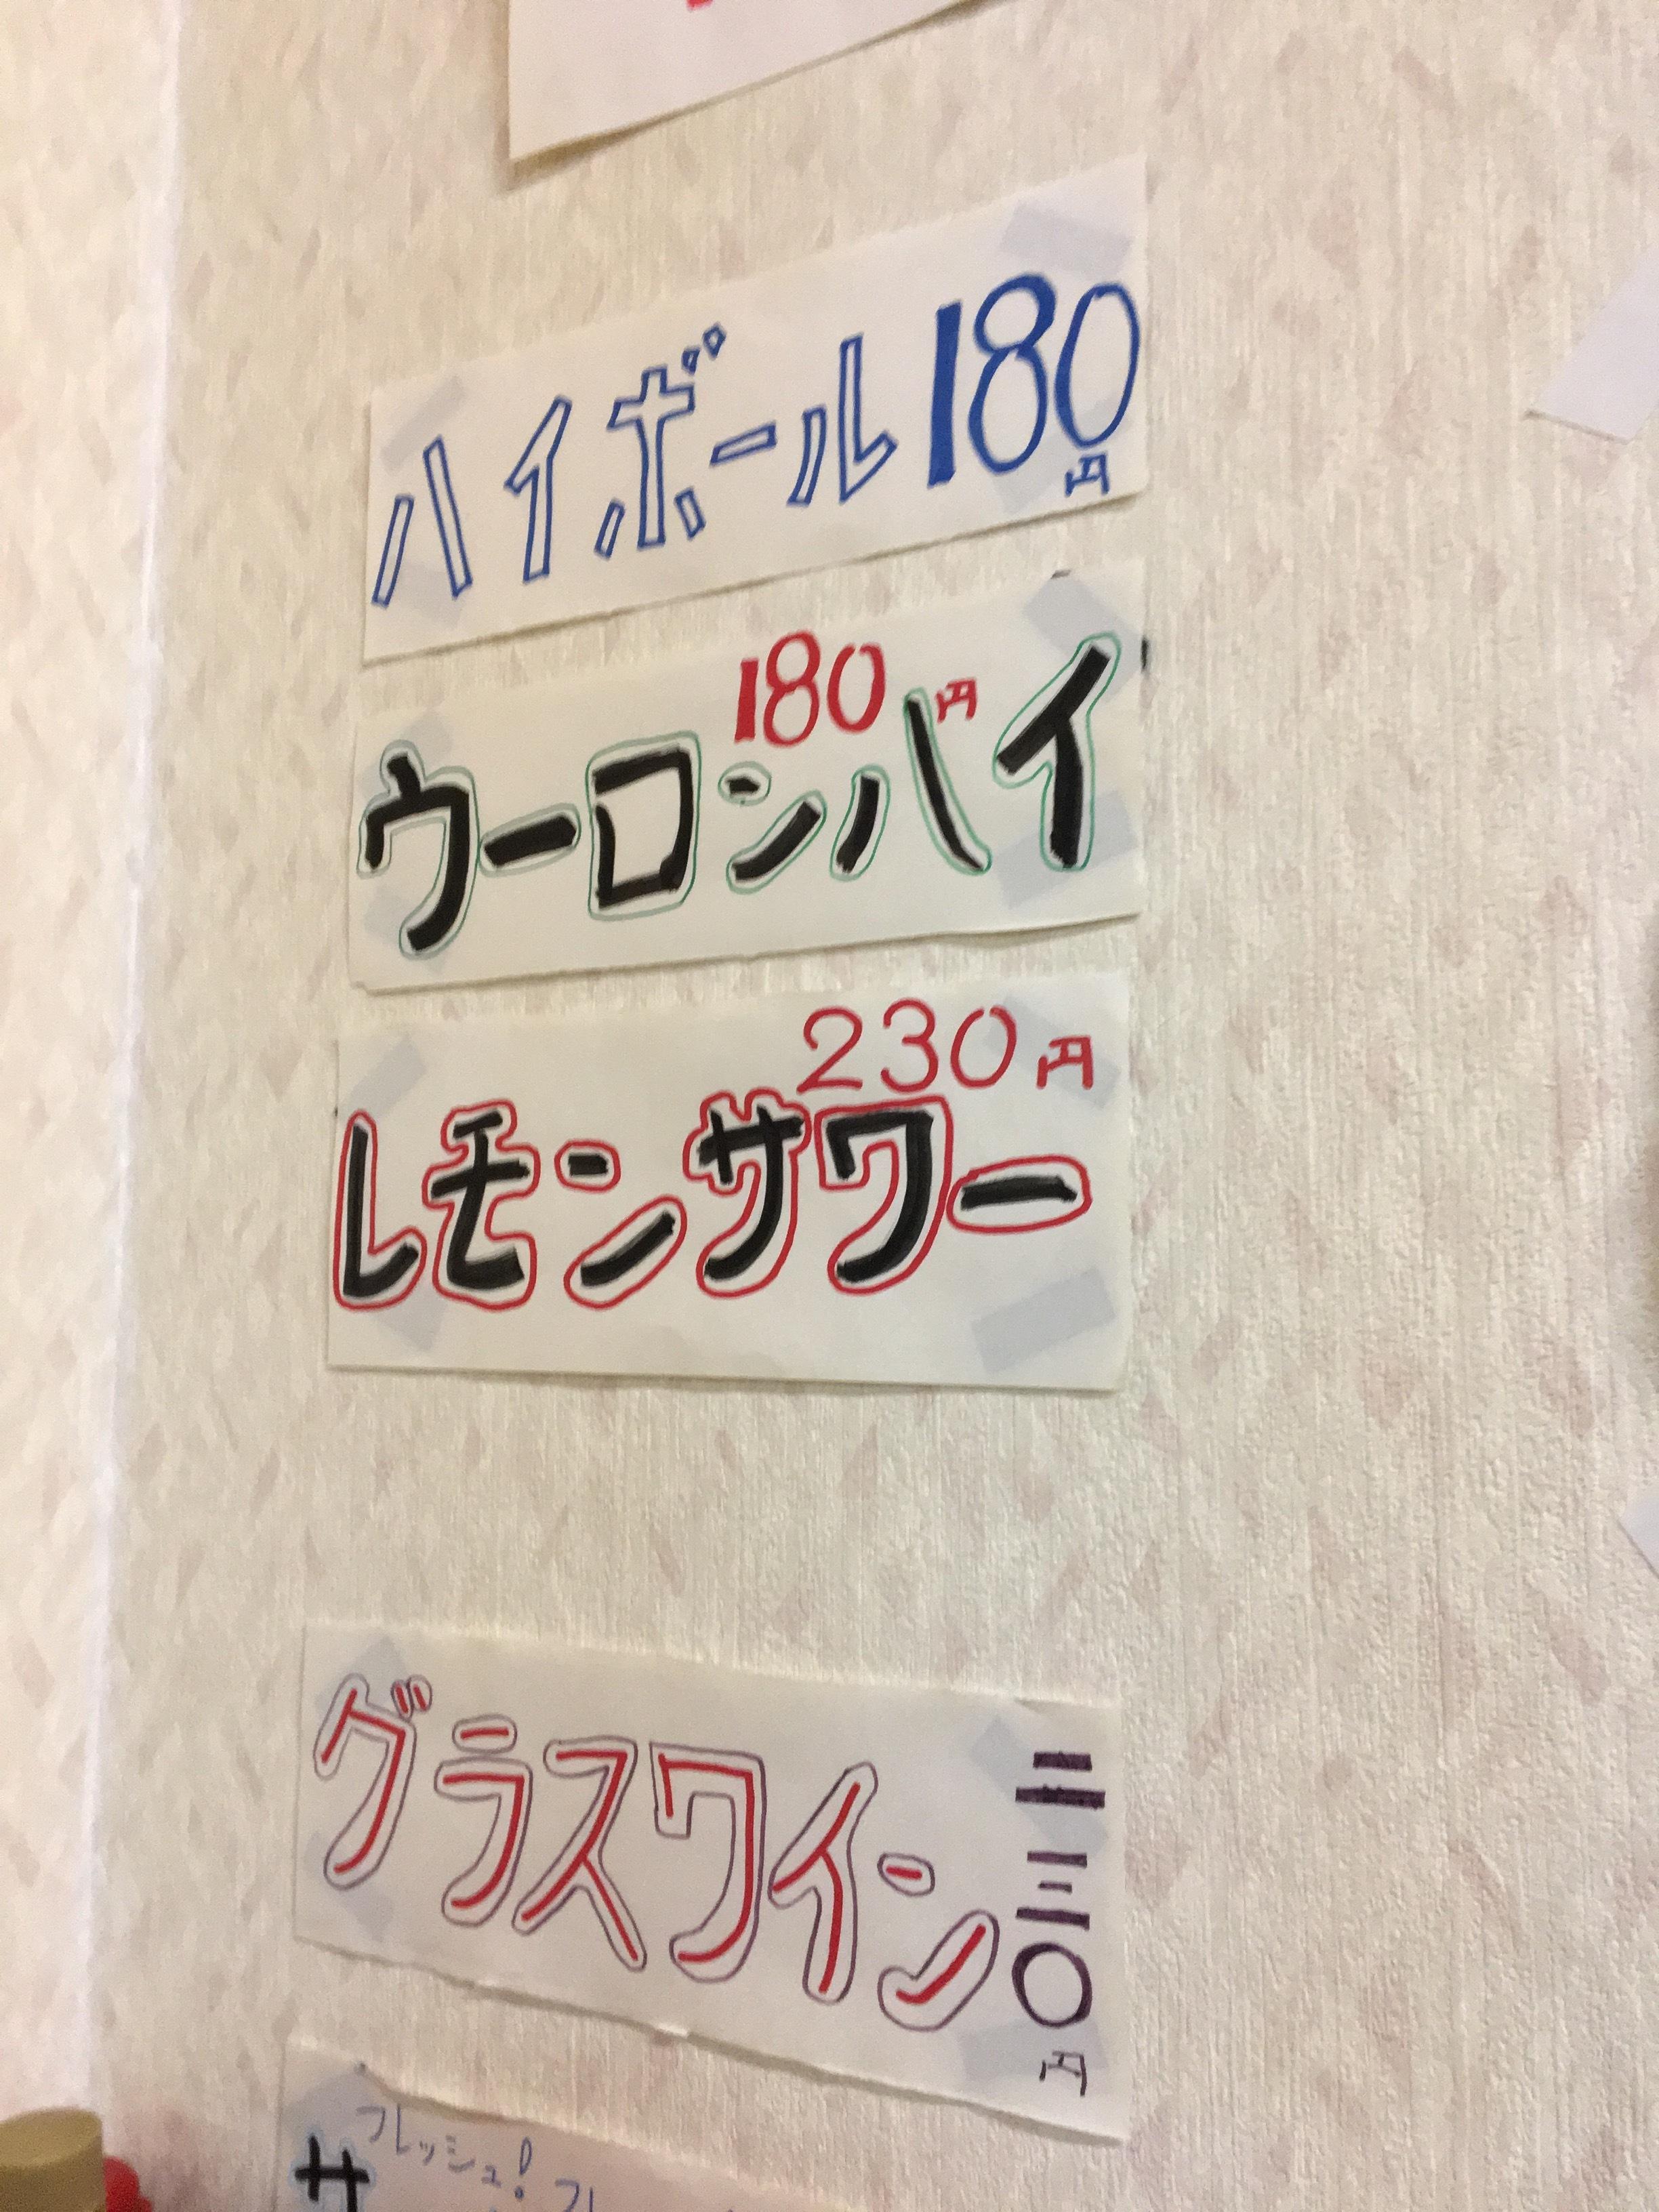 生ビール220円に対してレモンサワー230円